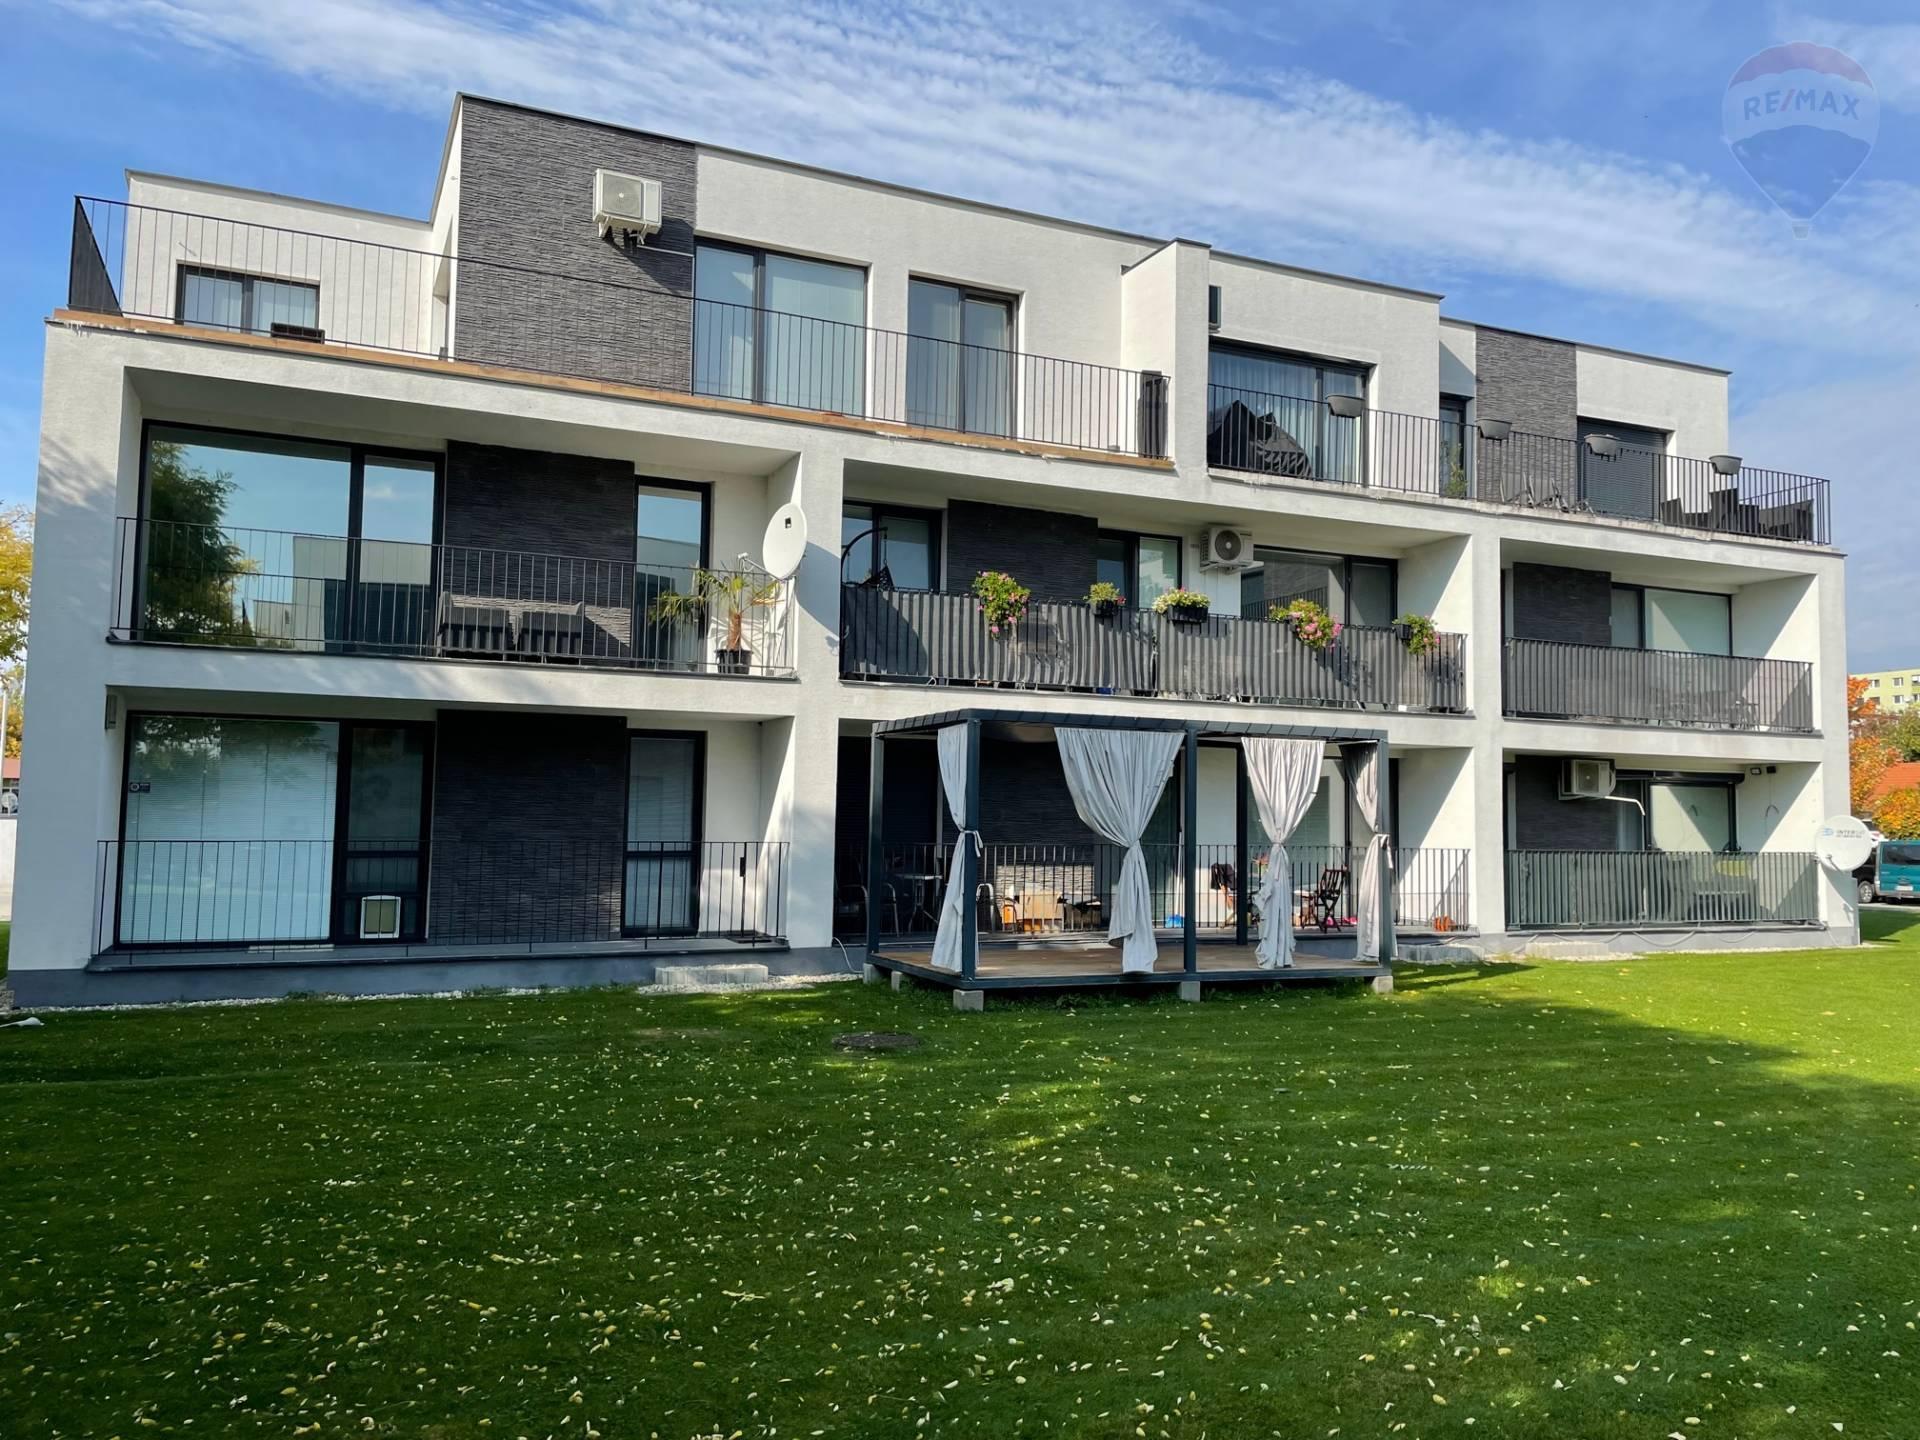 Predaj: 3-izbový byt, vlastný pozemok,  novostavba, Dunajská Streda